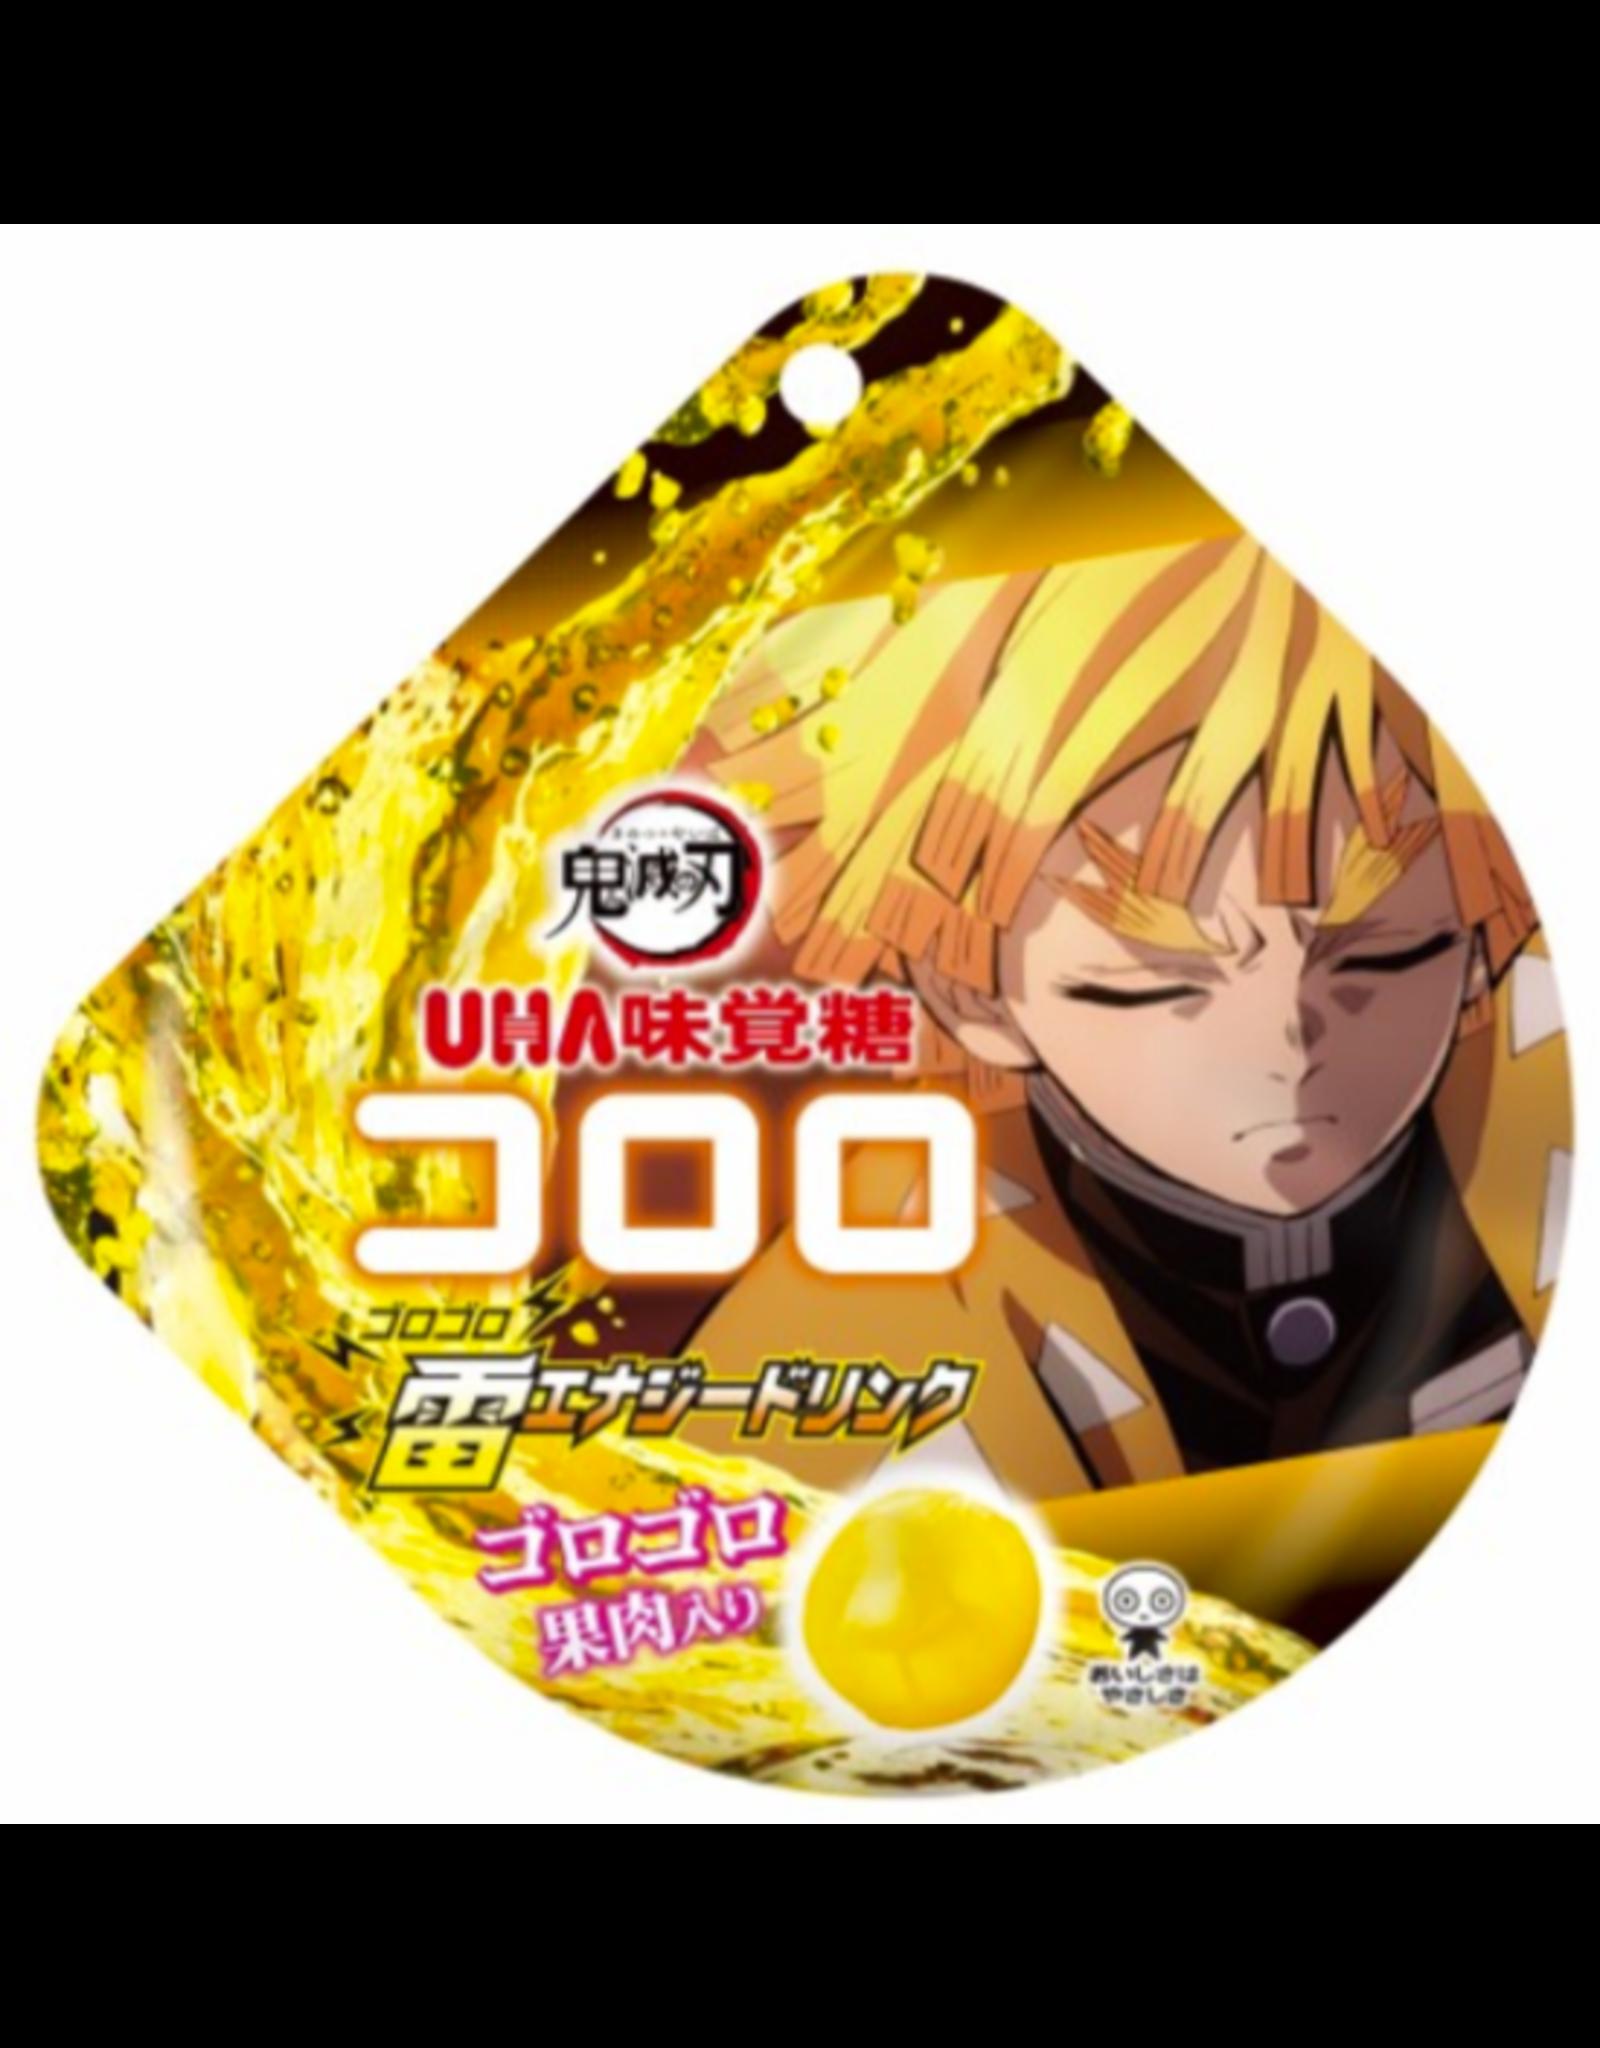 Kororo Gummy x Demon Slayer: Kimetsu no Yaiba - Zenitsu Style Energy Drink Flavor